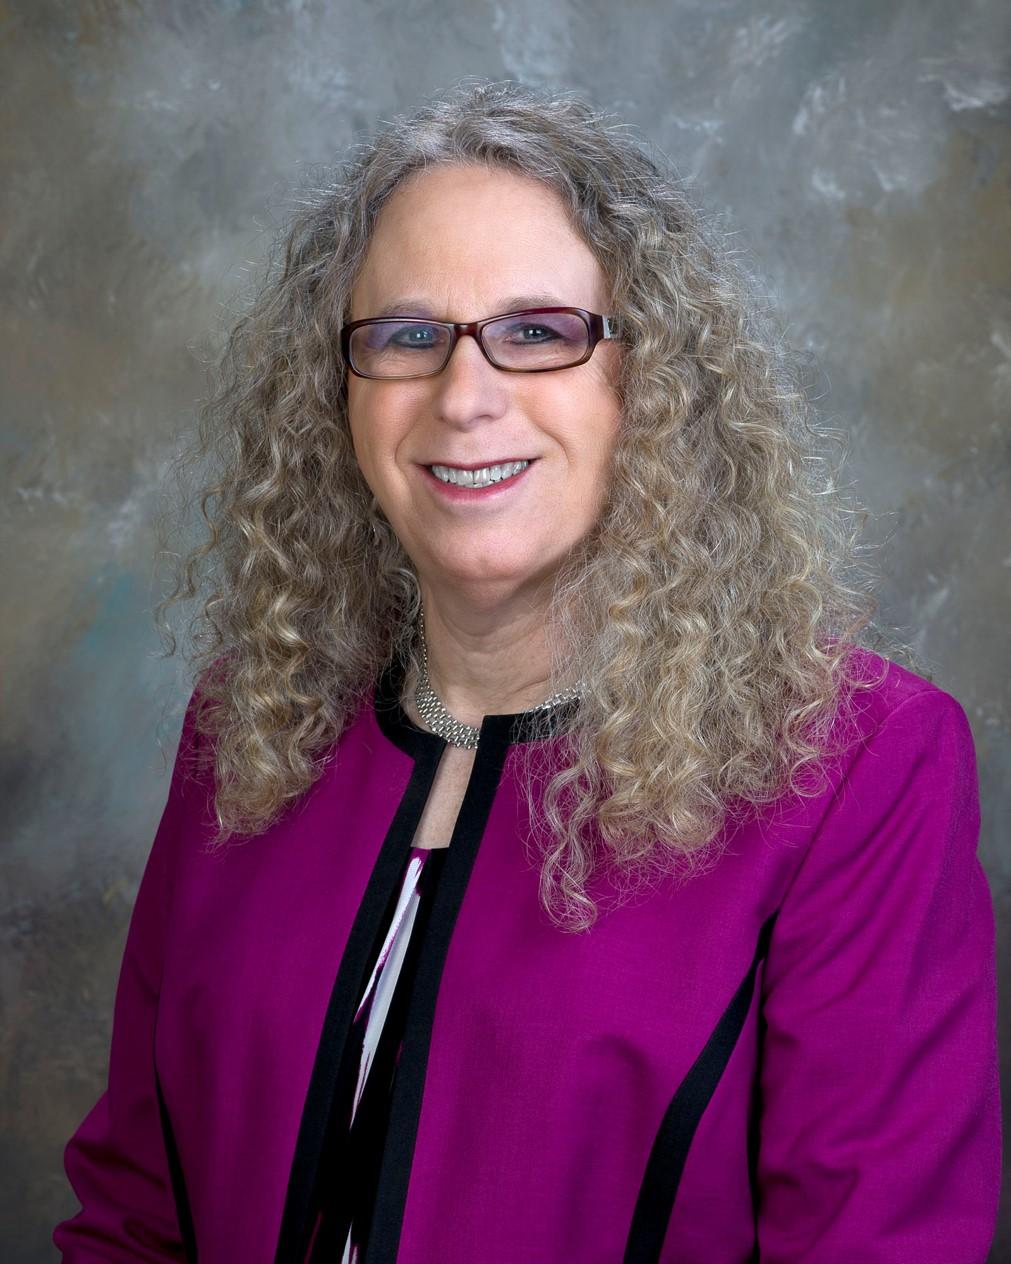 Dr. Rachel Levine (Biden-Harris transition team official portrait)